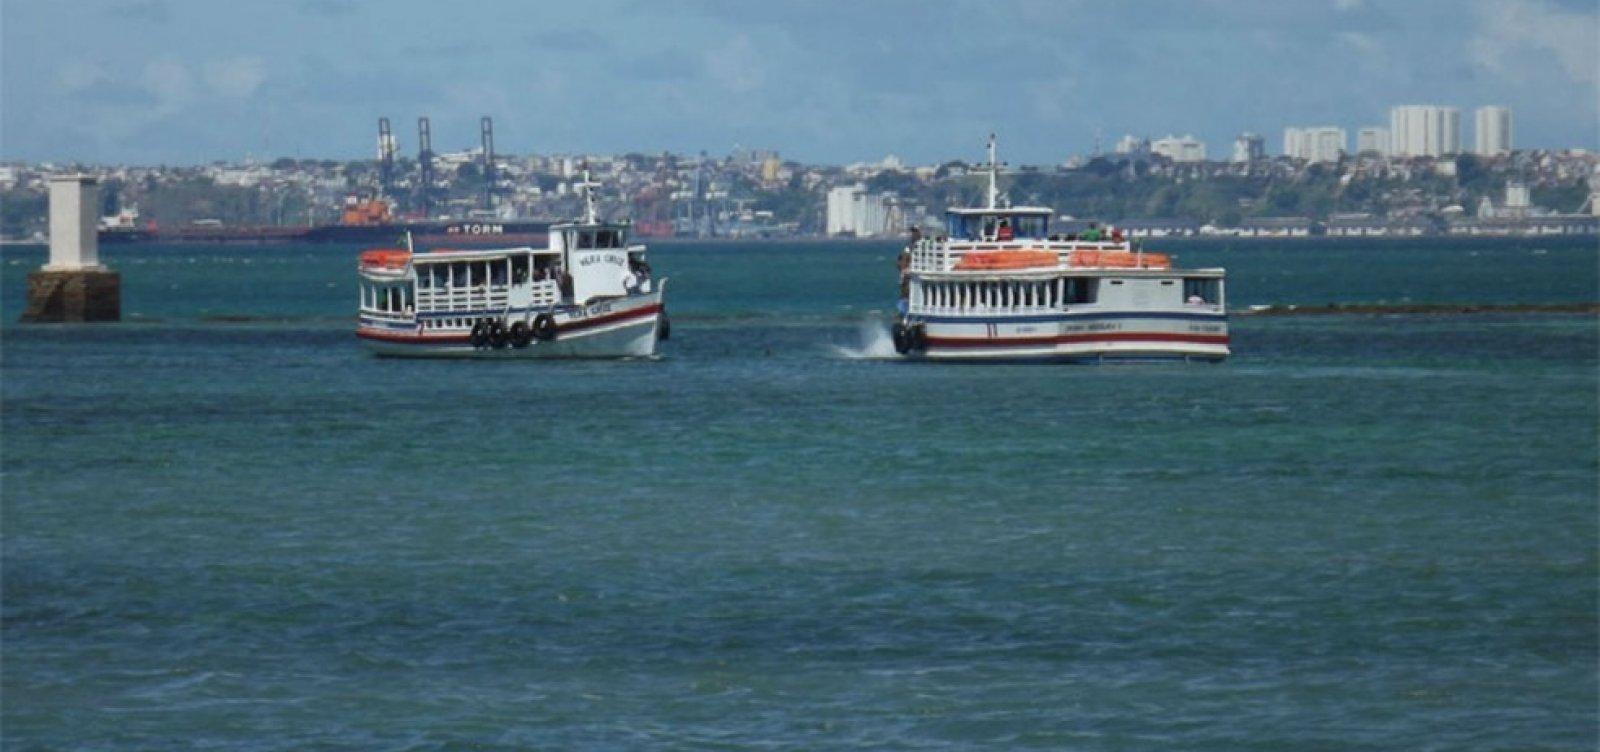 [Após suspensões durante a semana, Travessia Salvador-Mar Grande opera sem restrições]